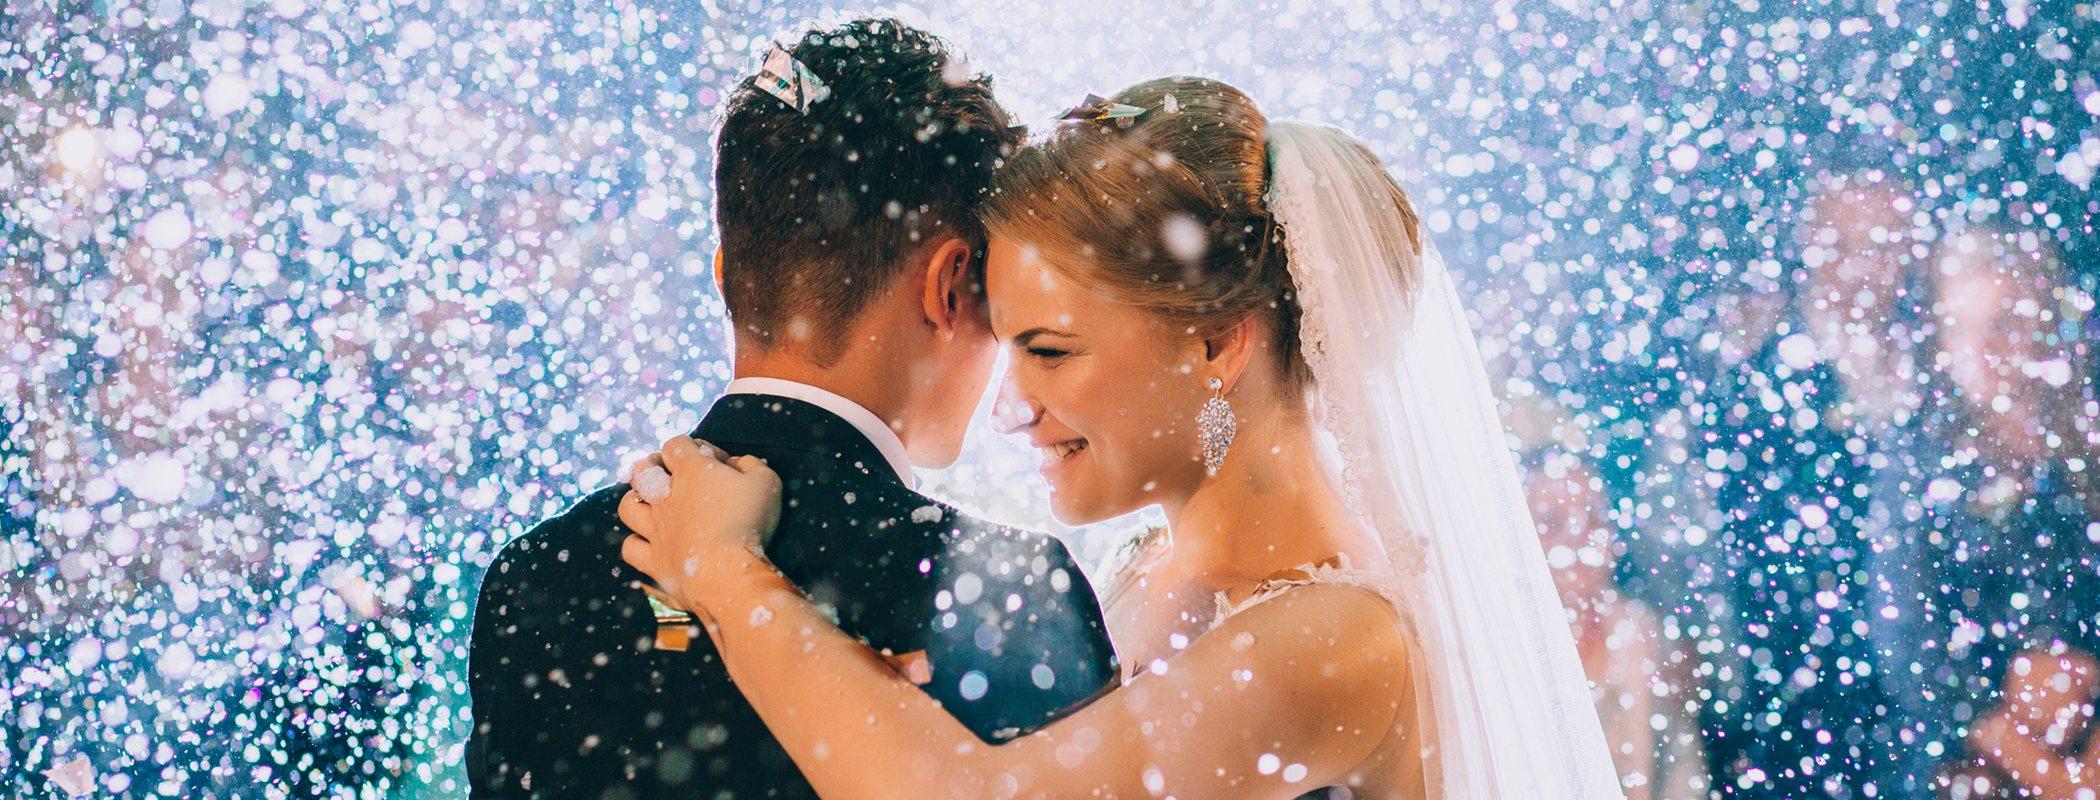 Celebrar una boda sencilla: cuando menos es más